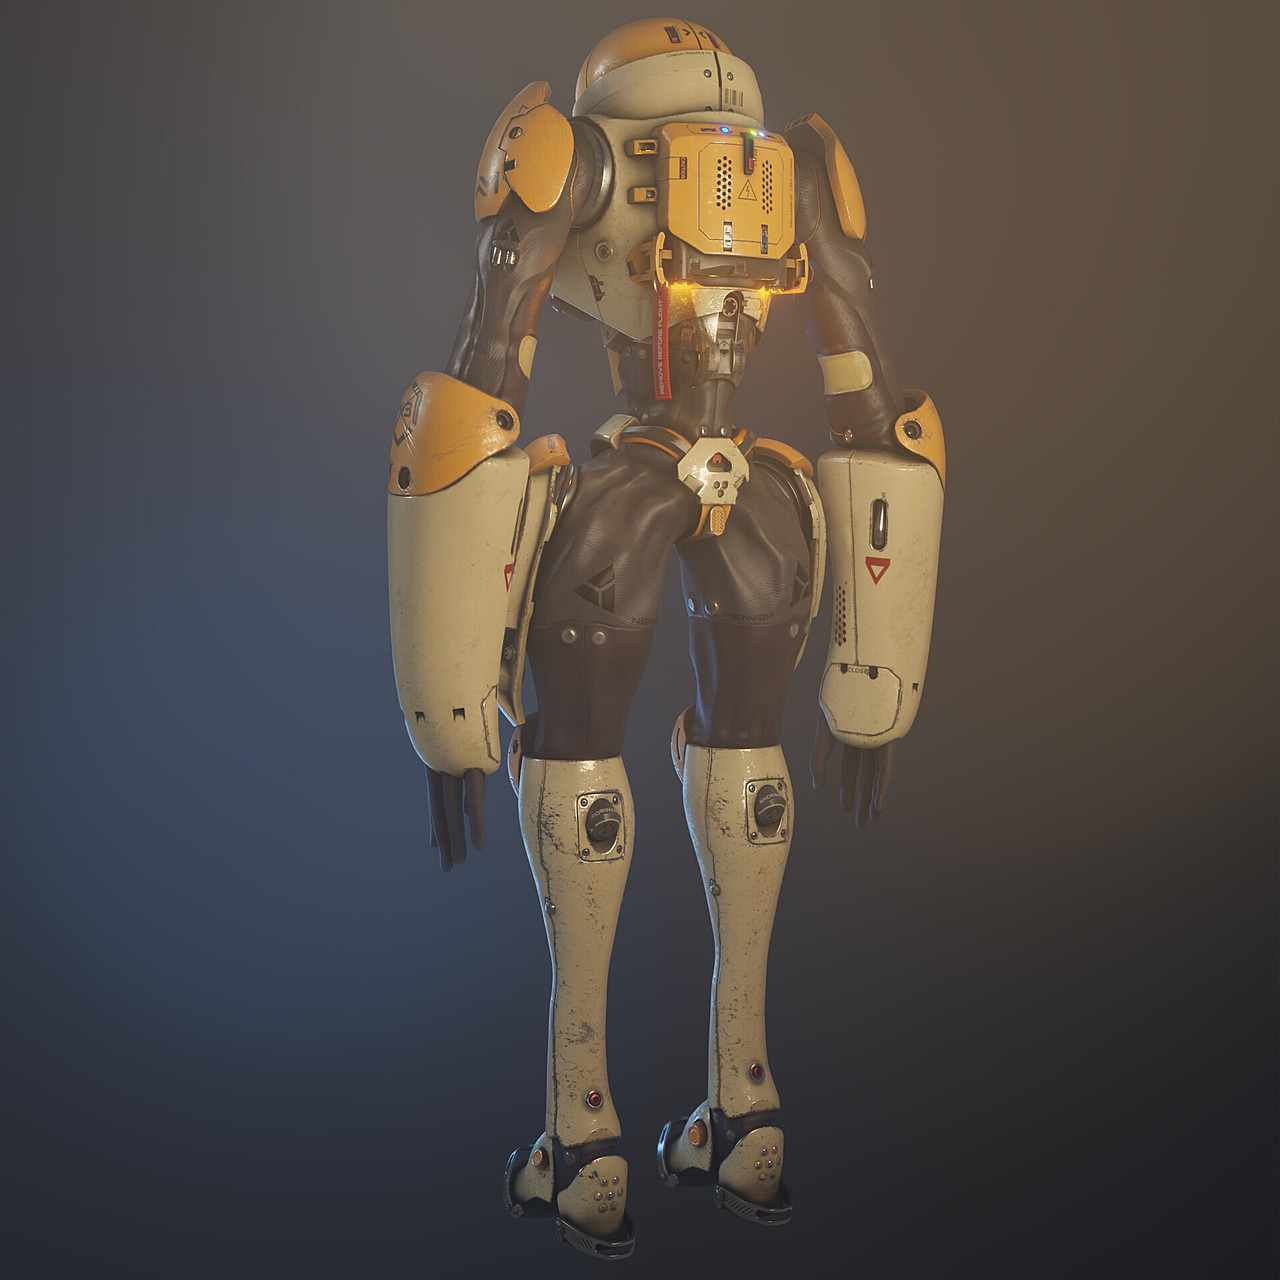 P.U.M.P The Runaway Robot